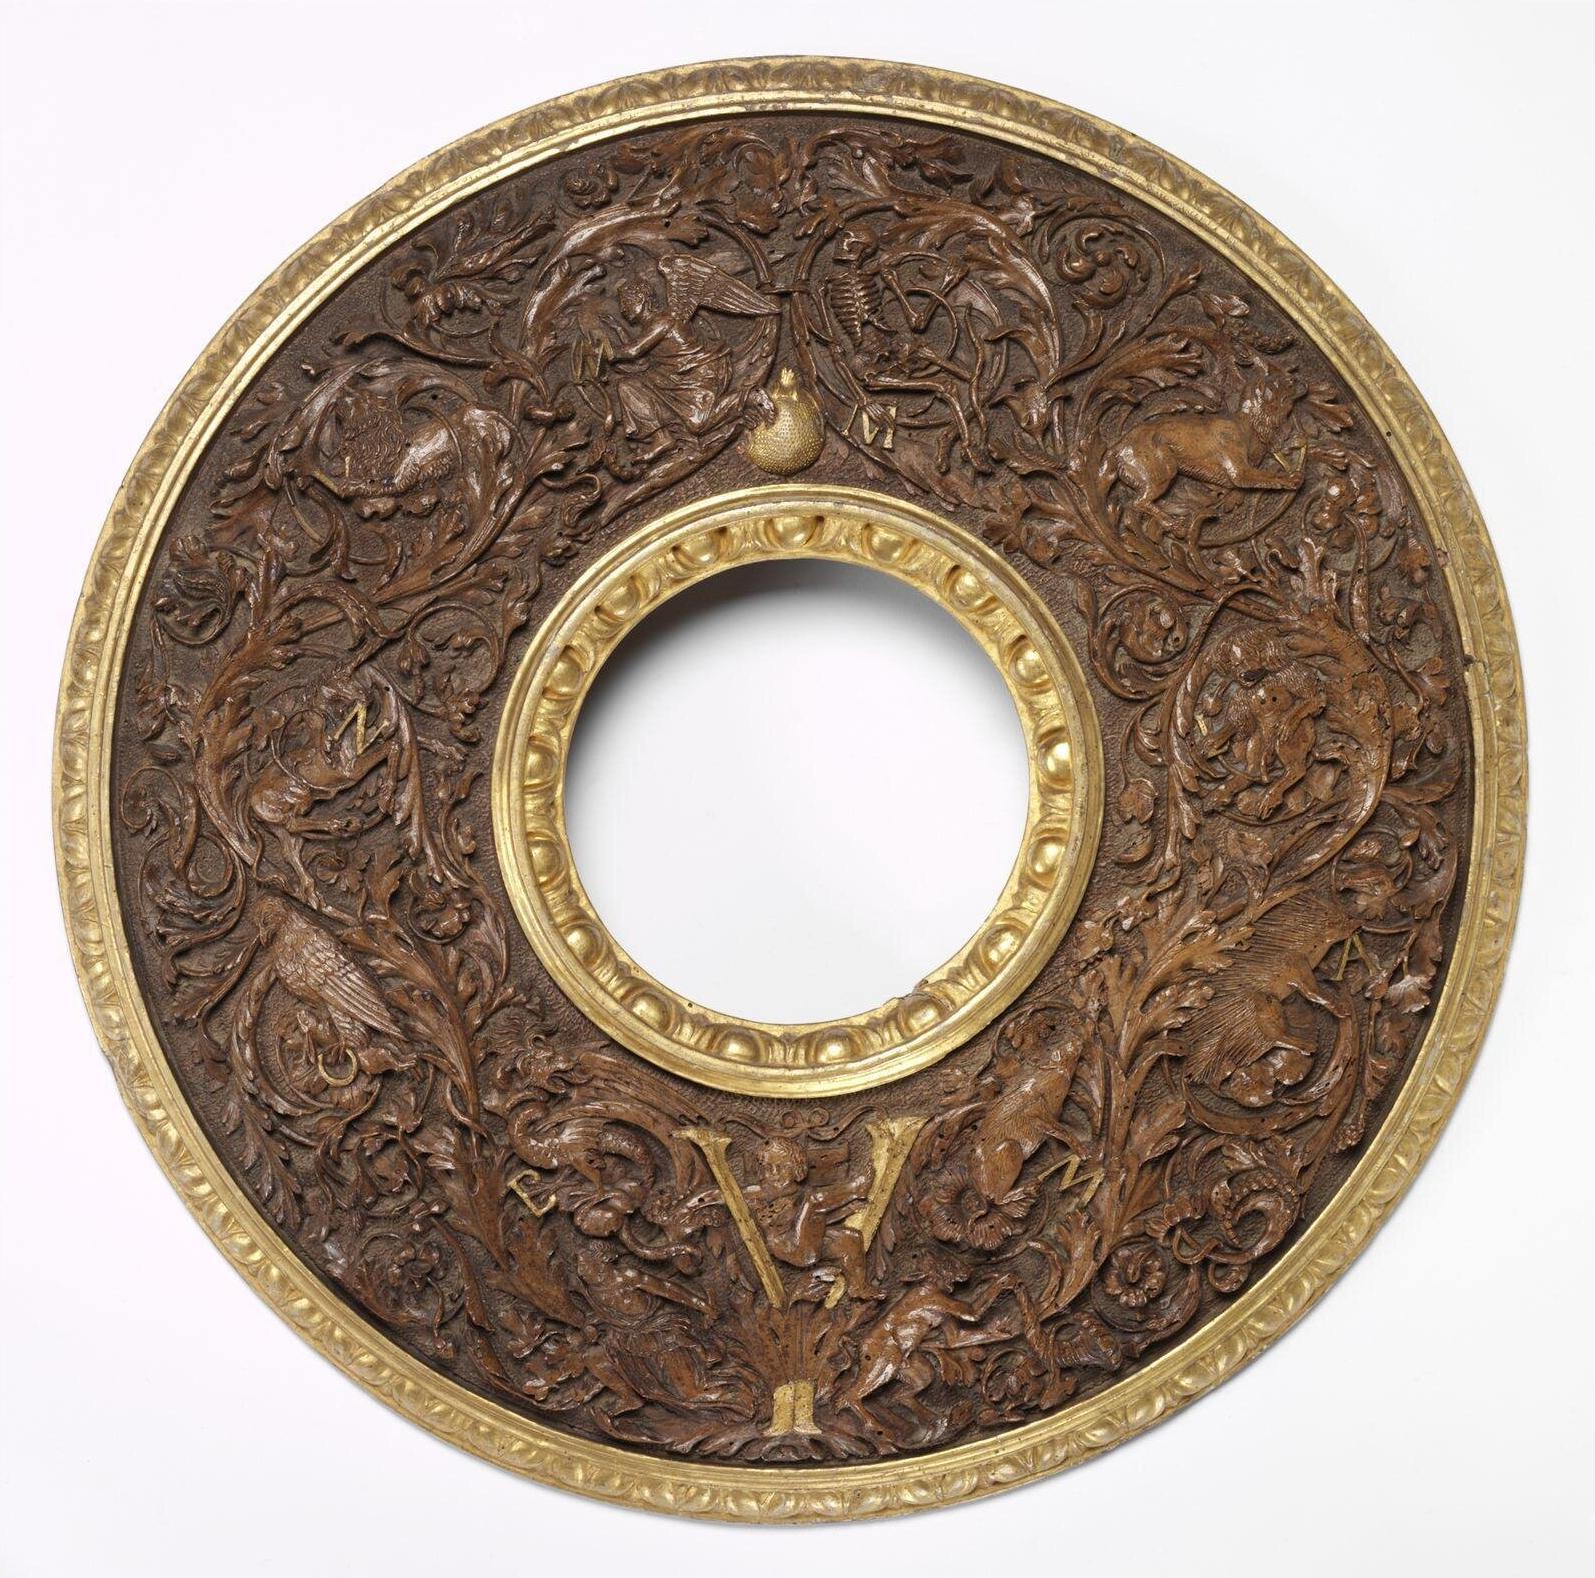 5 Ferrarese tondo looking glass frame c1490to1500 parcel gilt walnut 49cm diam V & A